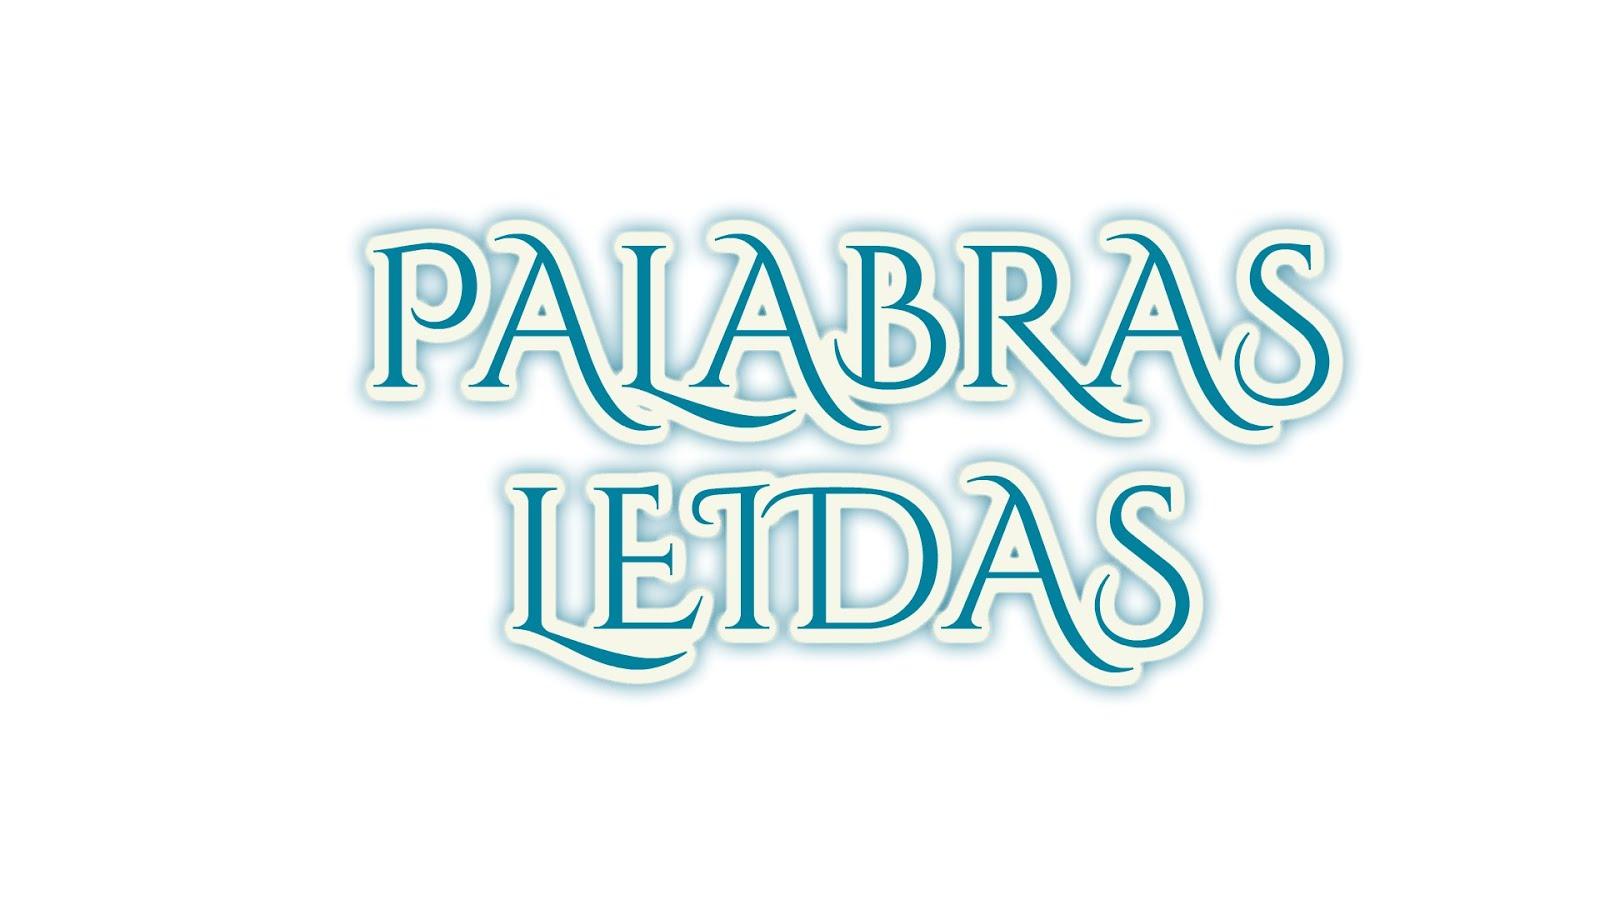 PALABRAS LEIDAS